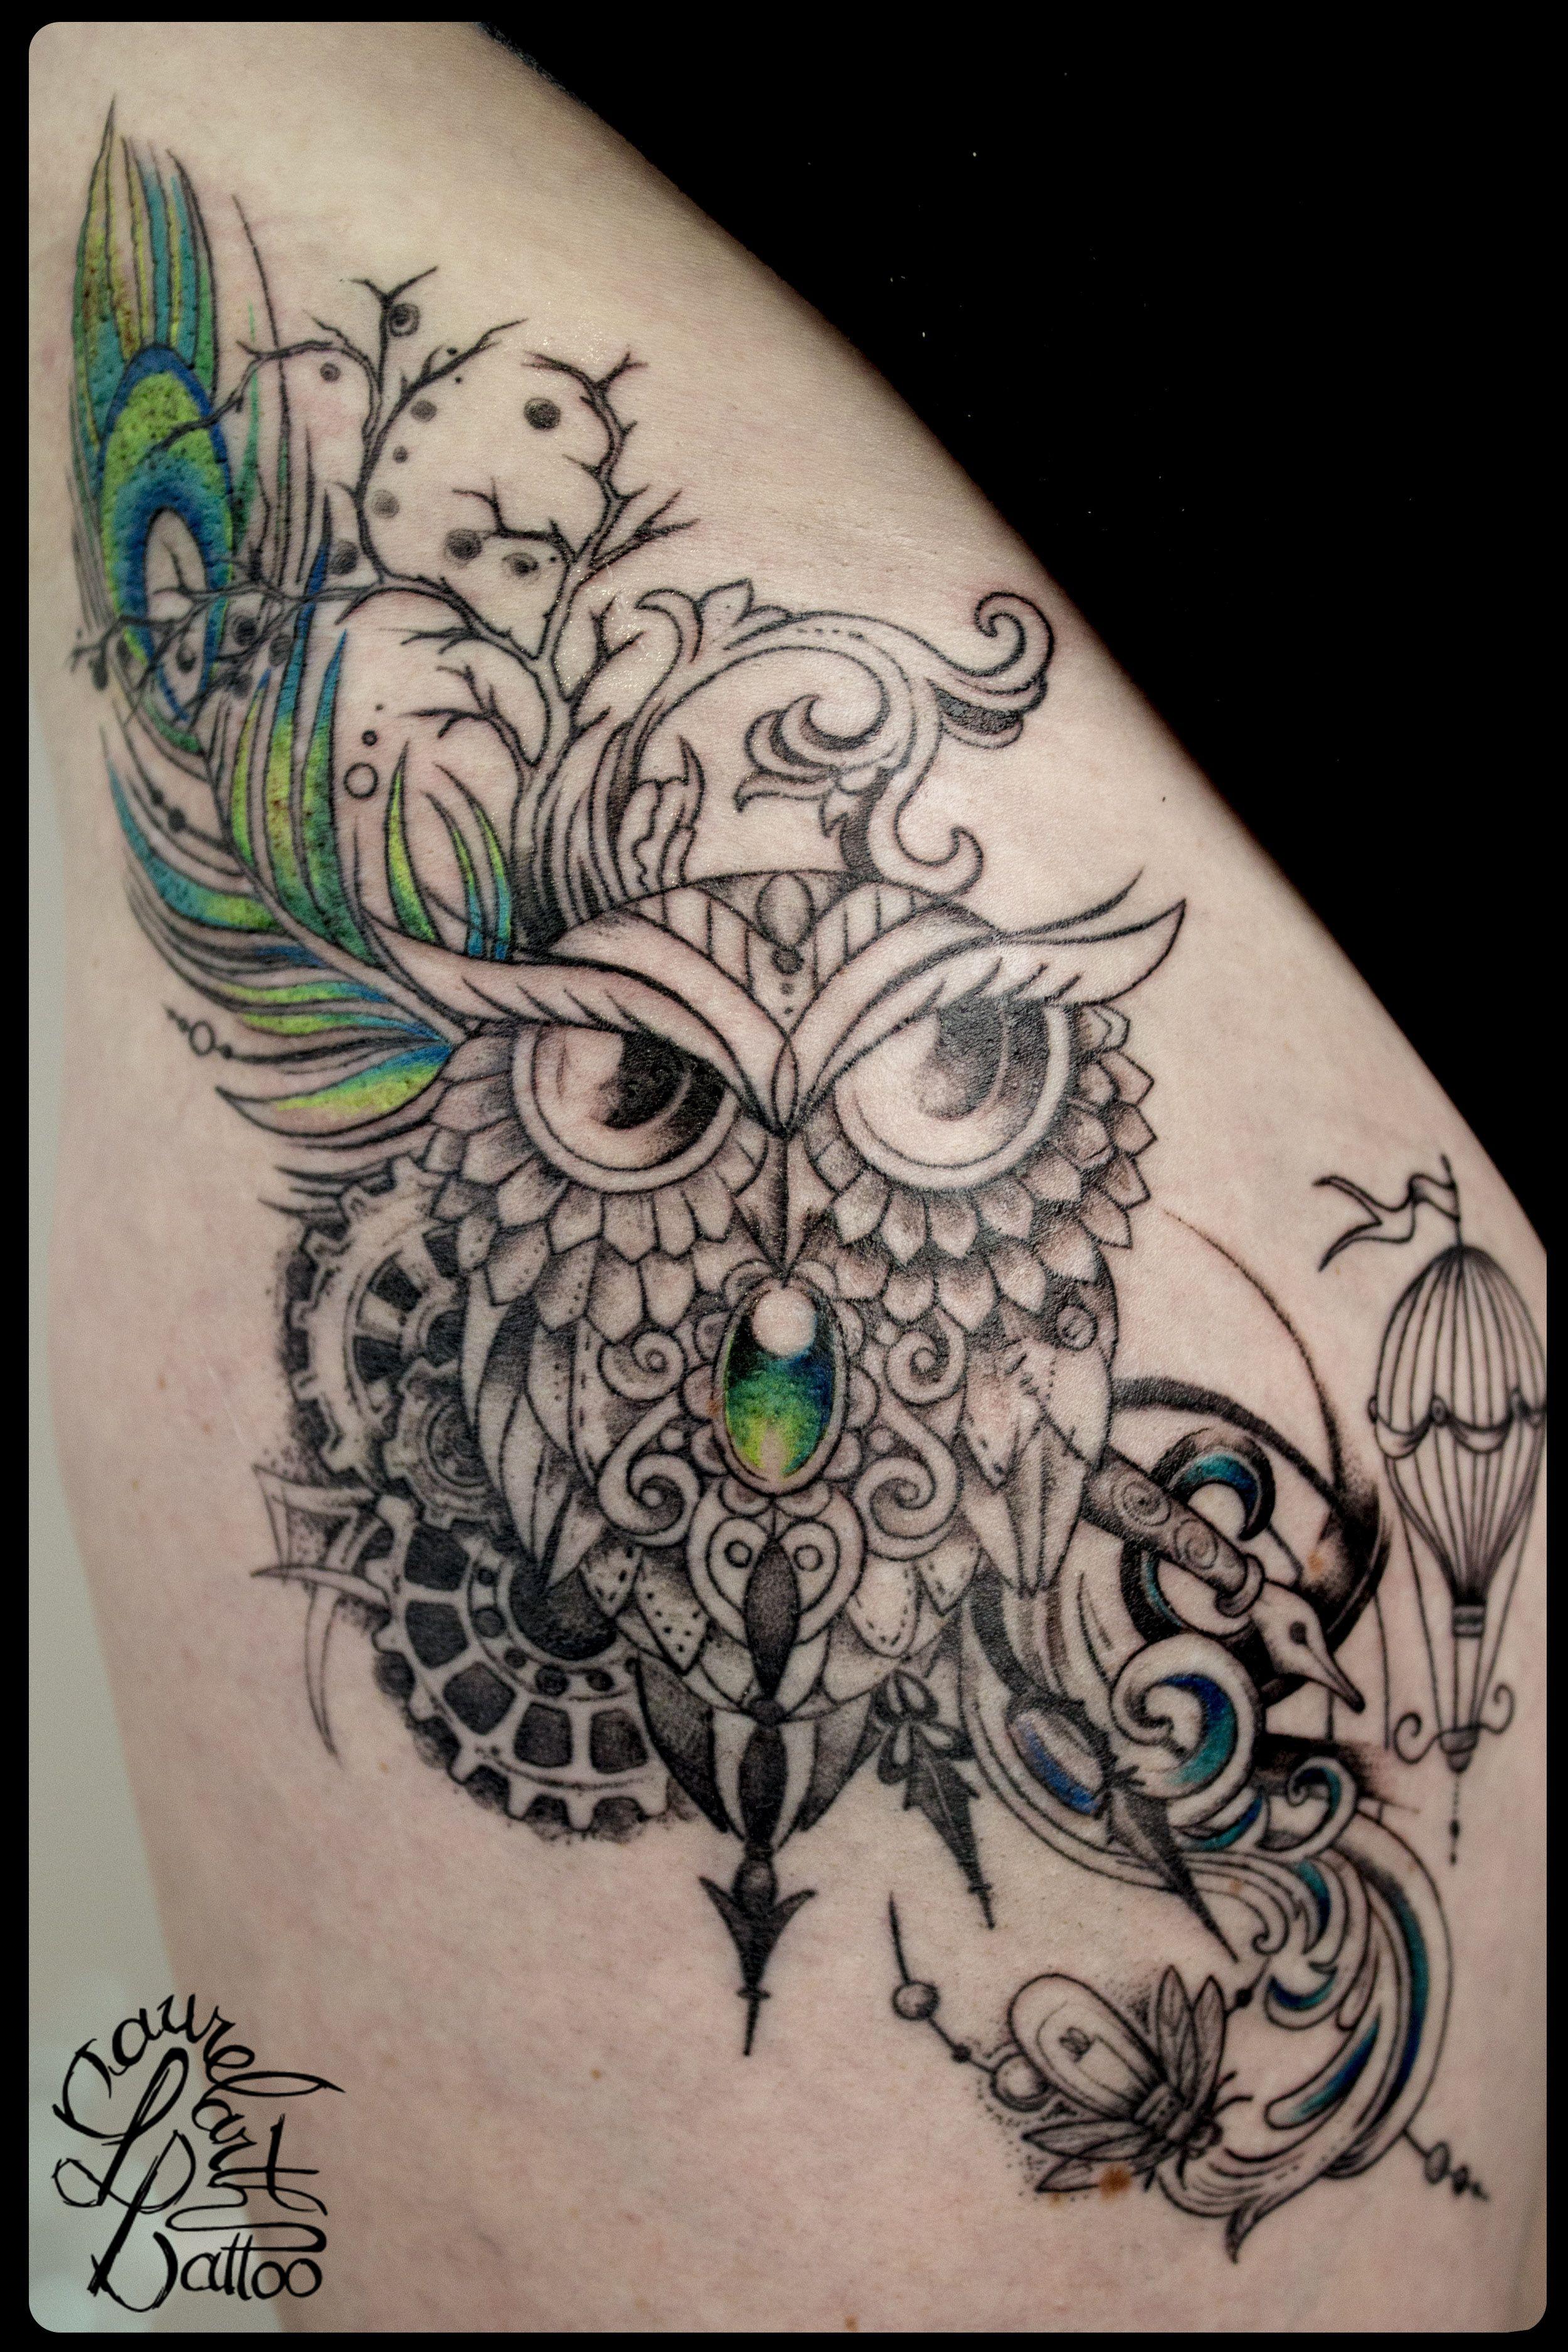 pingl par st phanie bousignac sur tatoos pinterest tatouages recouvrement tatouage et. Black Bedroom Furniture Sets. Home Design Ideas